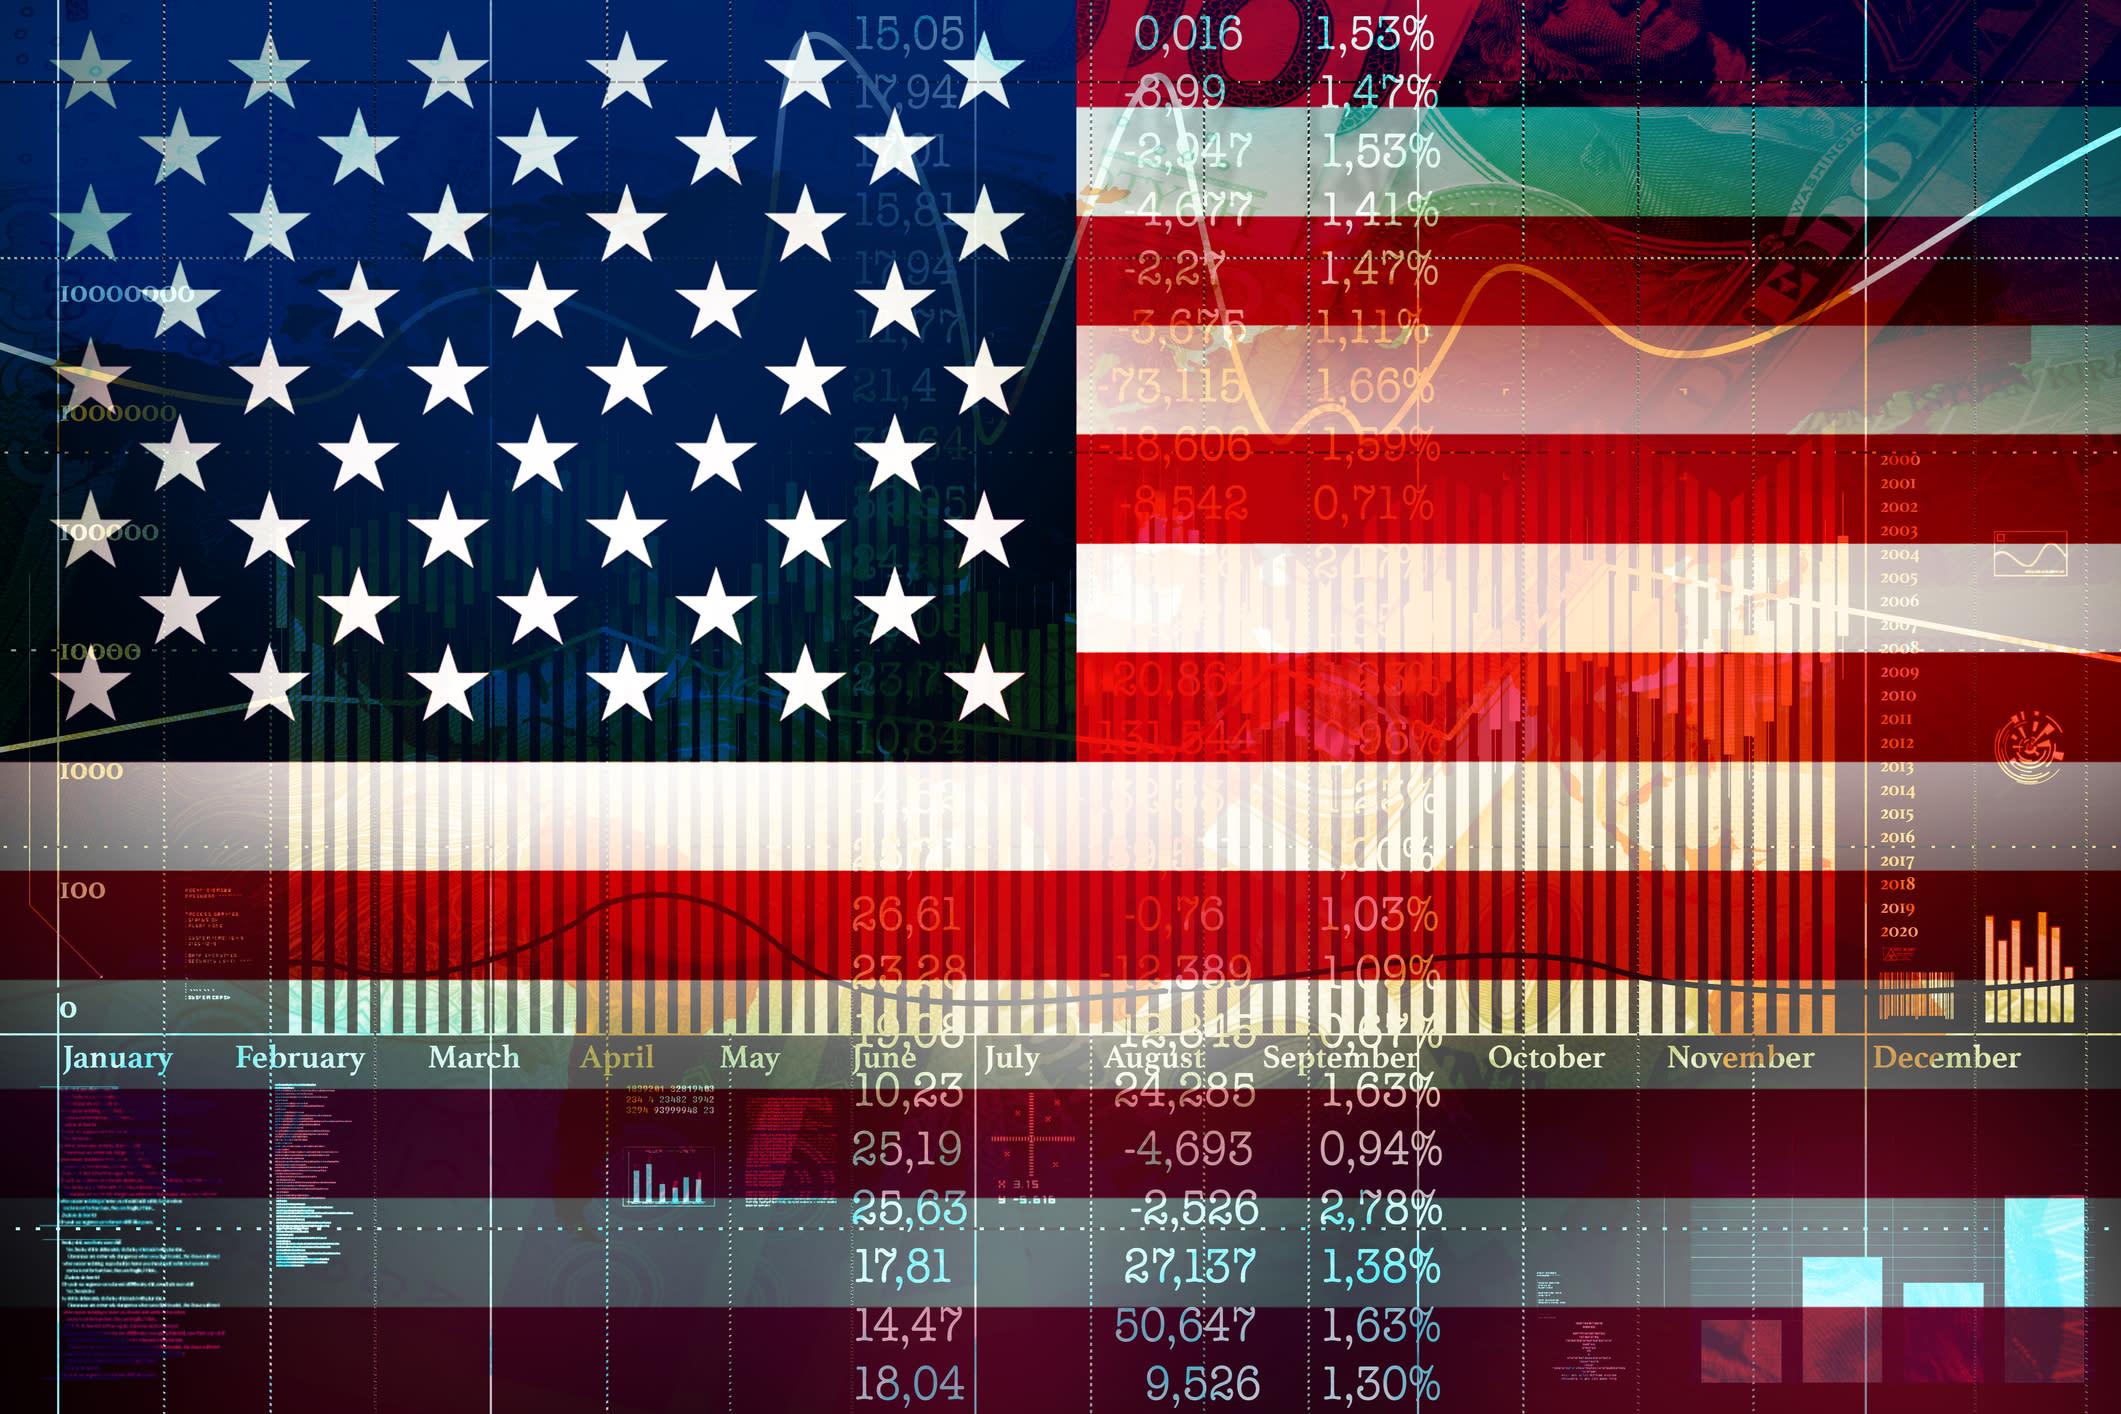 全球經濟快速發展 巴菲特:富國有義務協助受害者